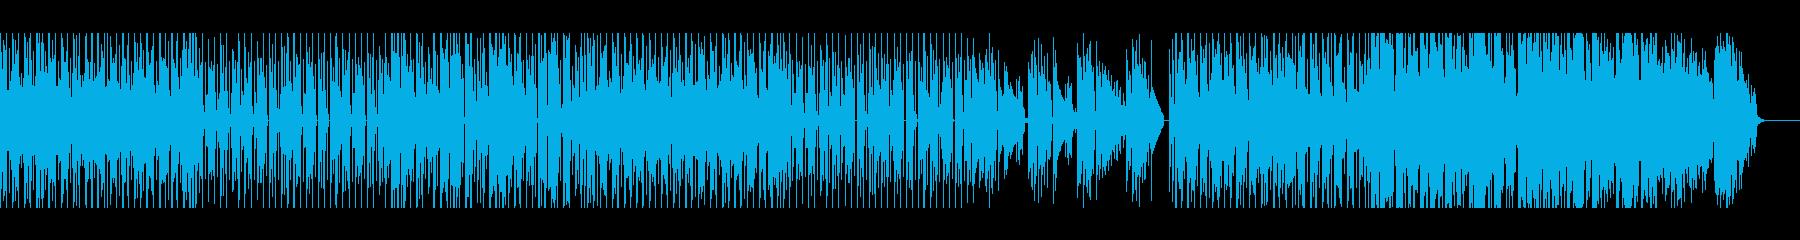 【メロ・パーカッション無】スローファンクの再生済みの波形